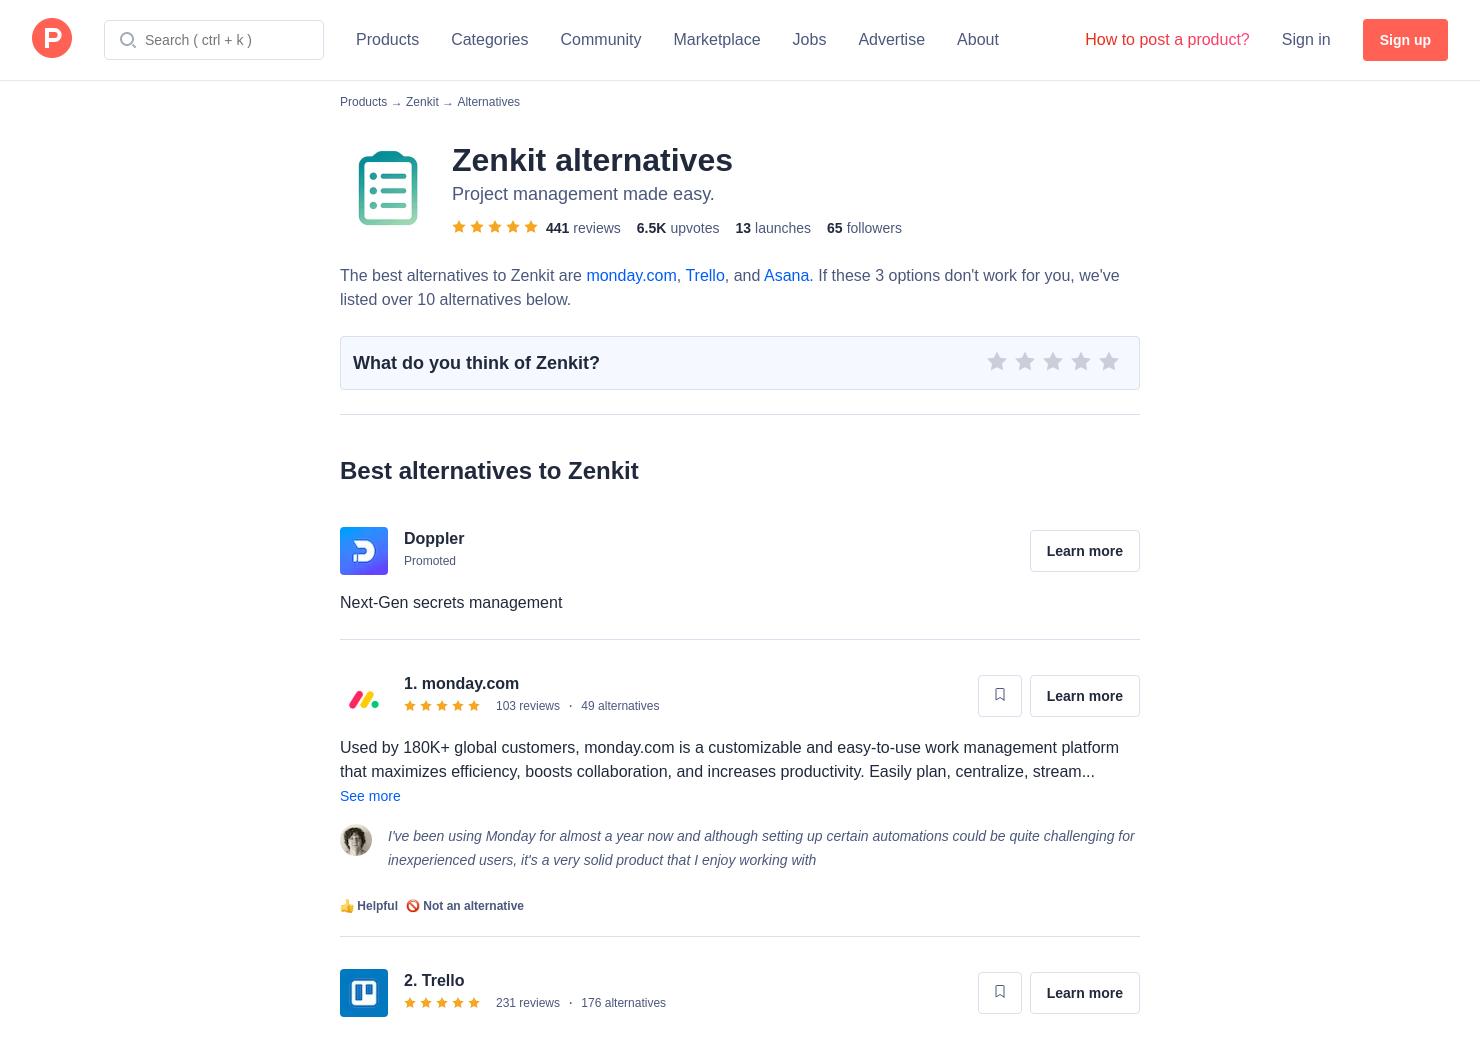 13 Alternatives to Zenkit Desktop Apps for Linux, Windows